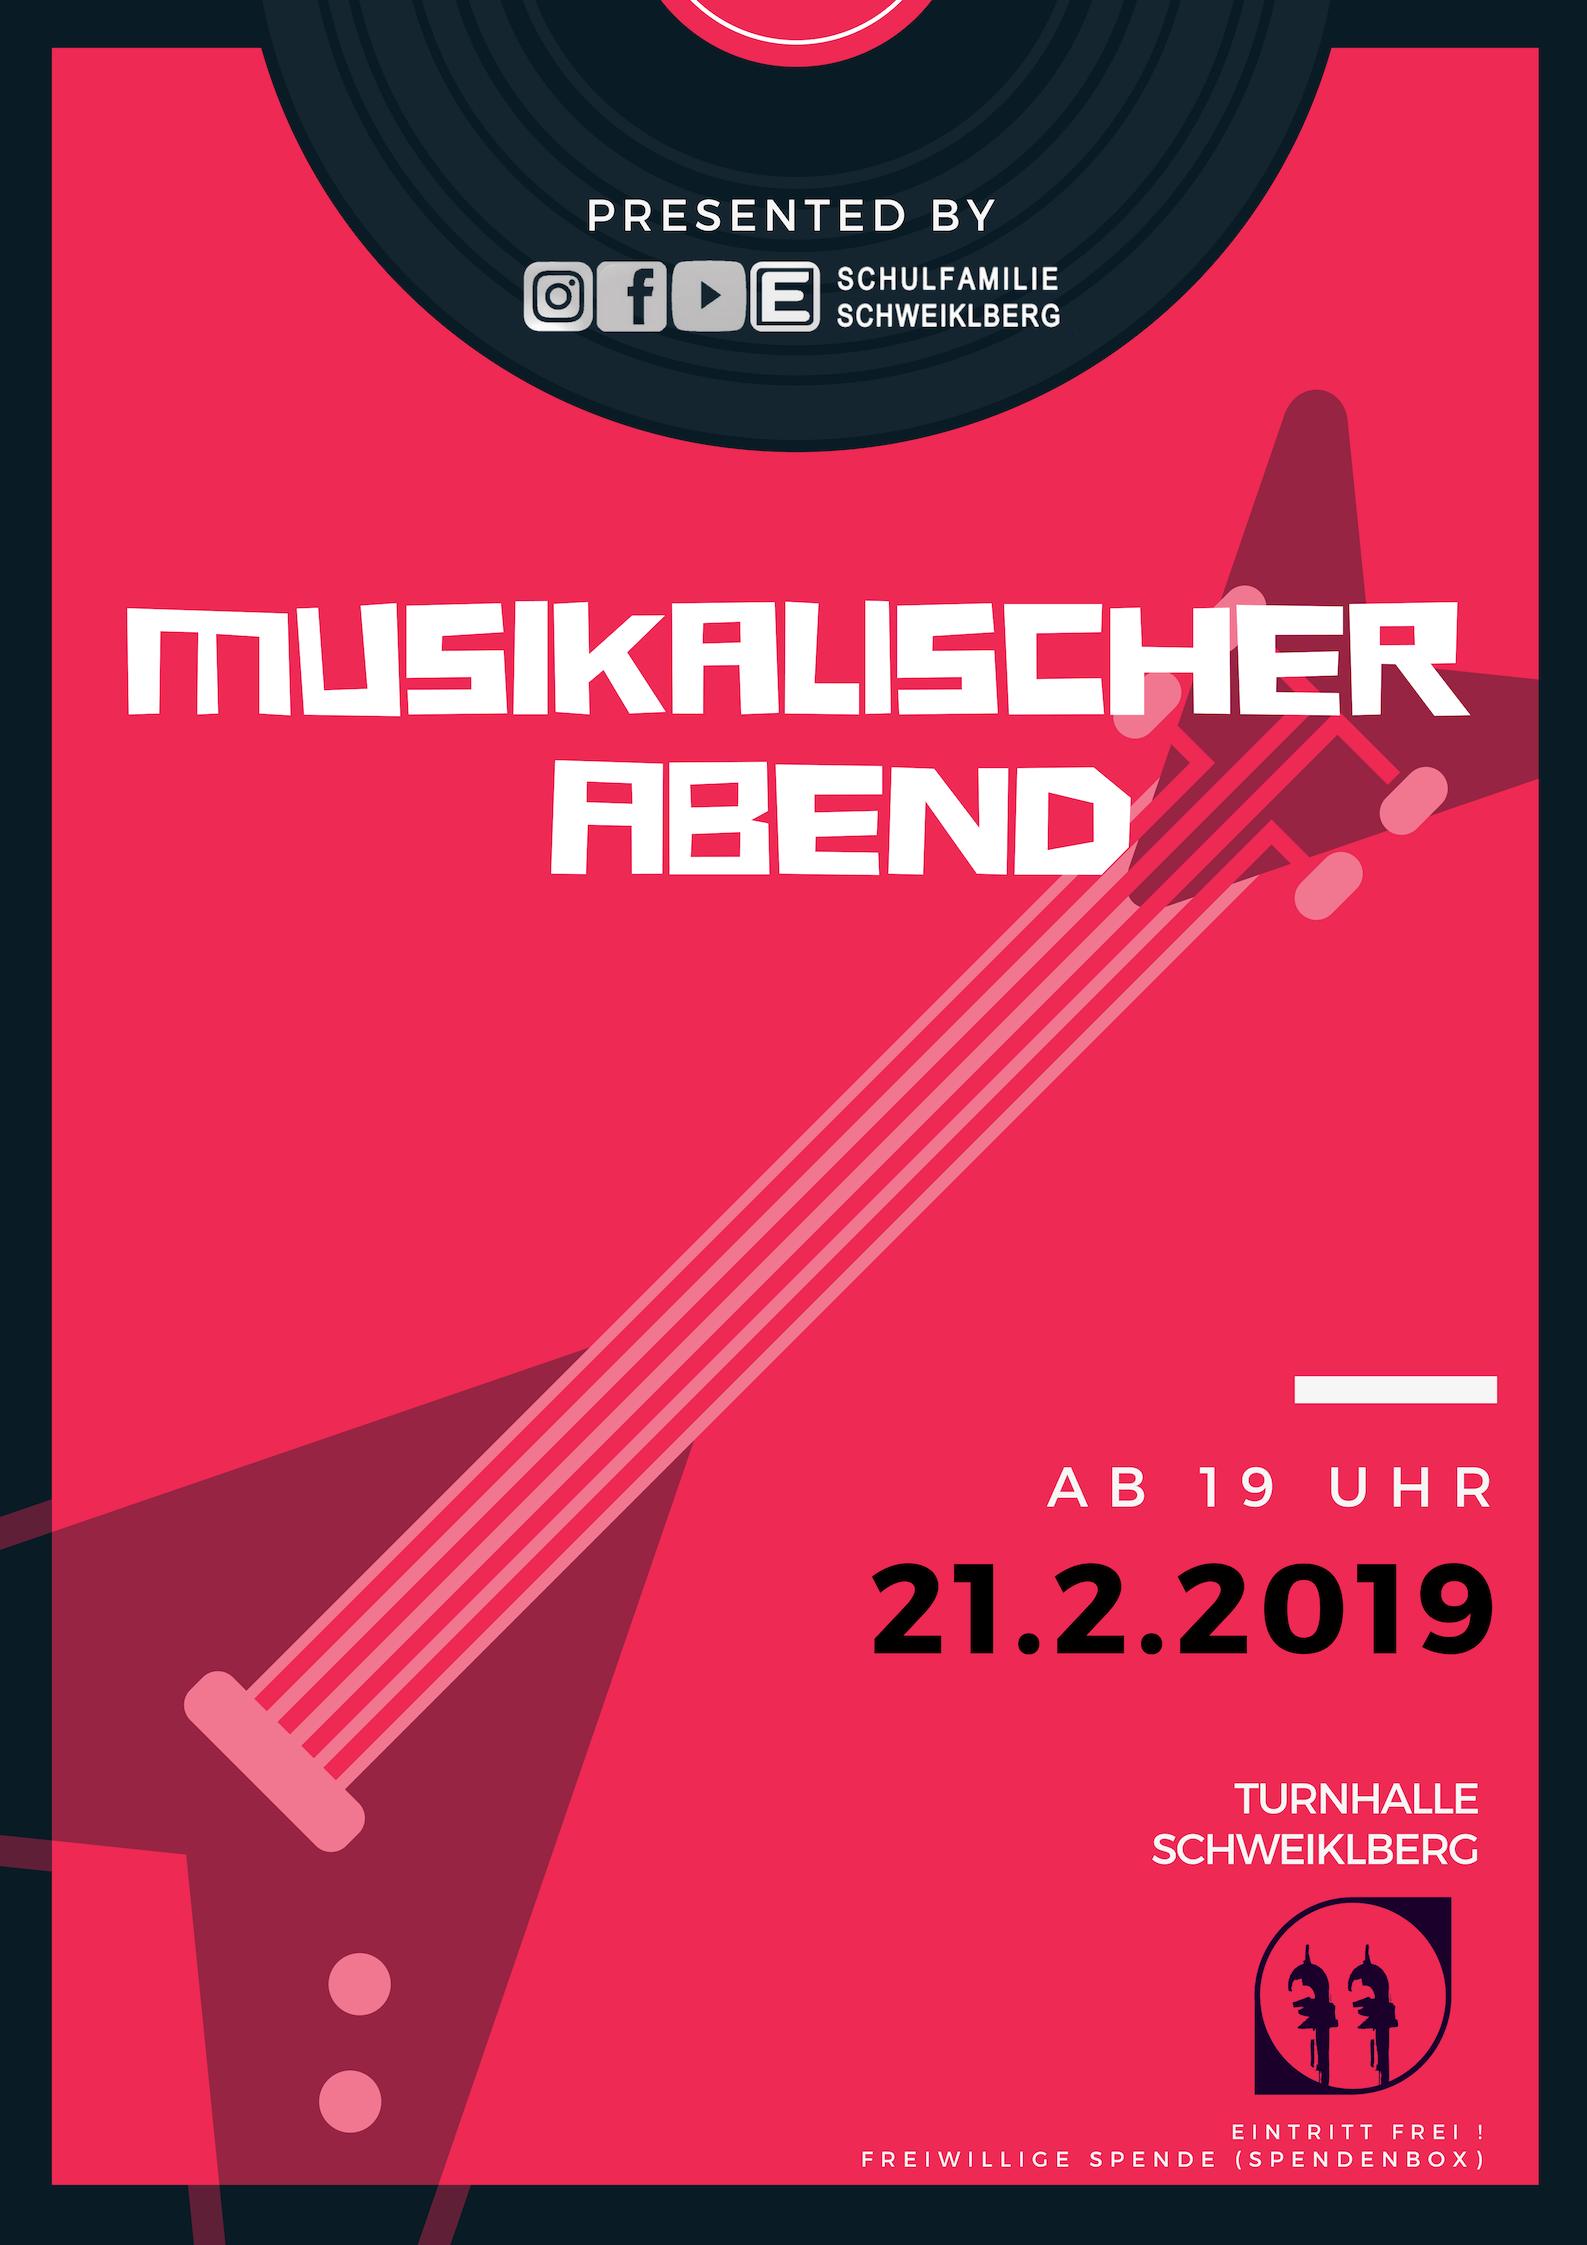 Musikalischer_Abend_2019.png